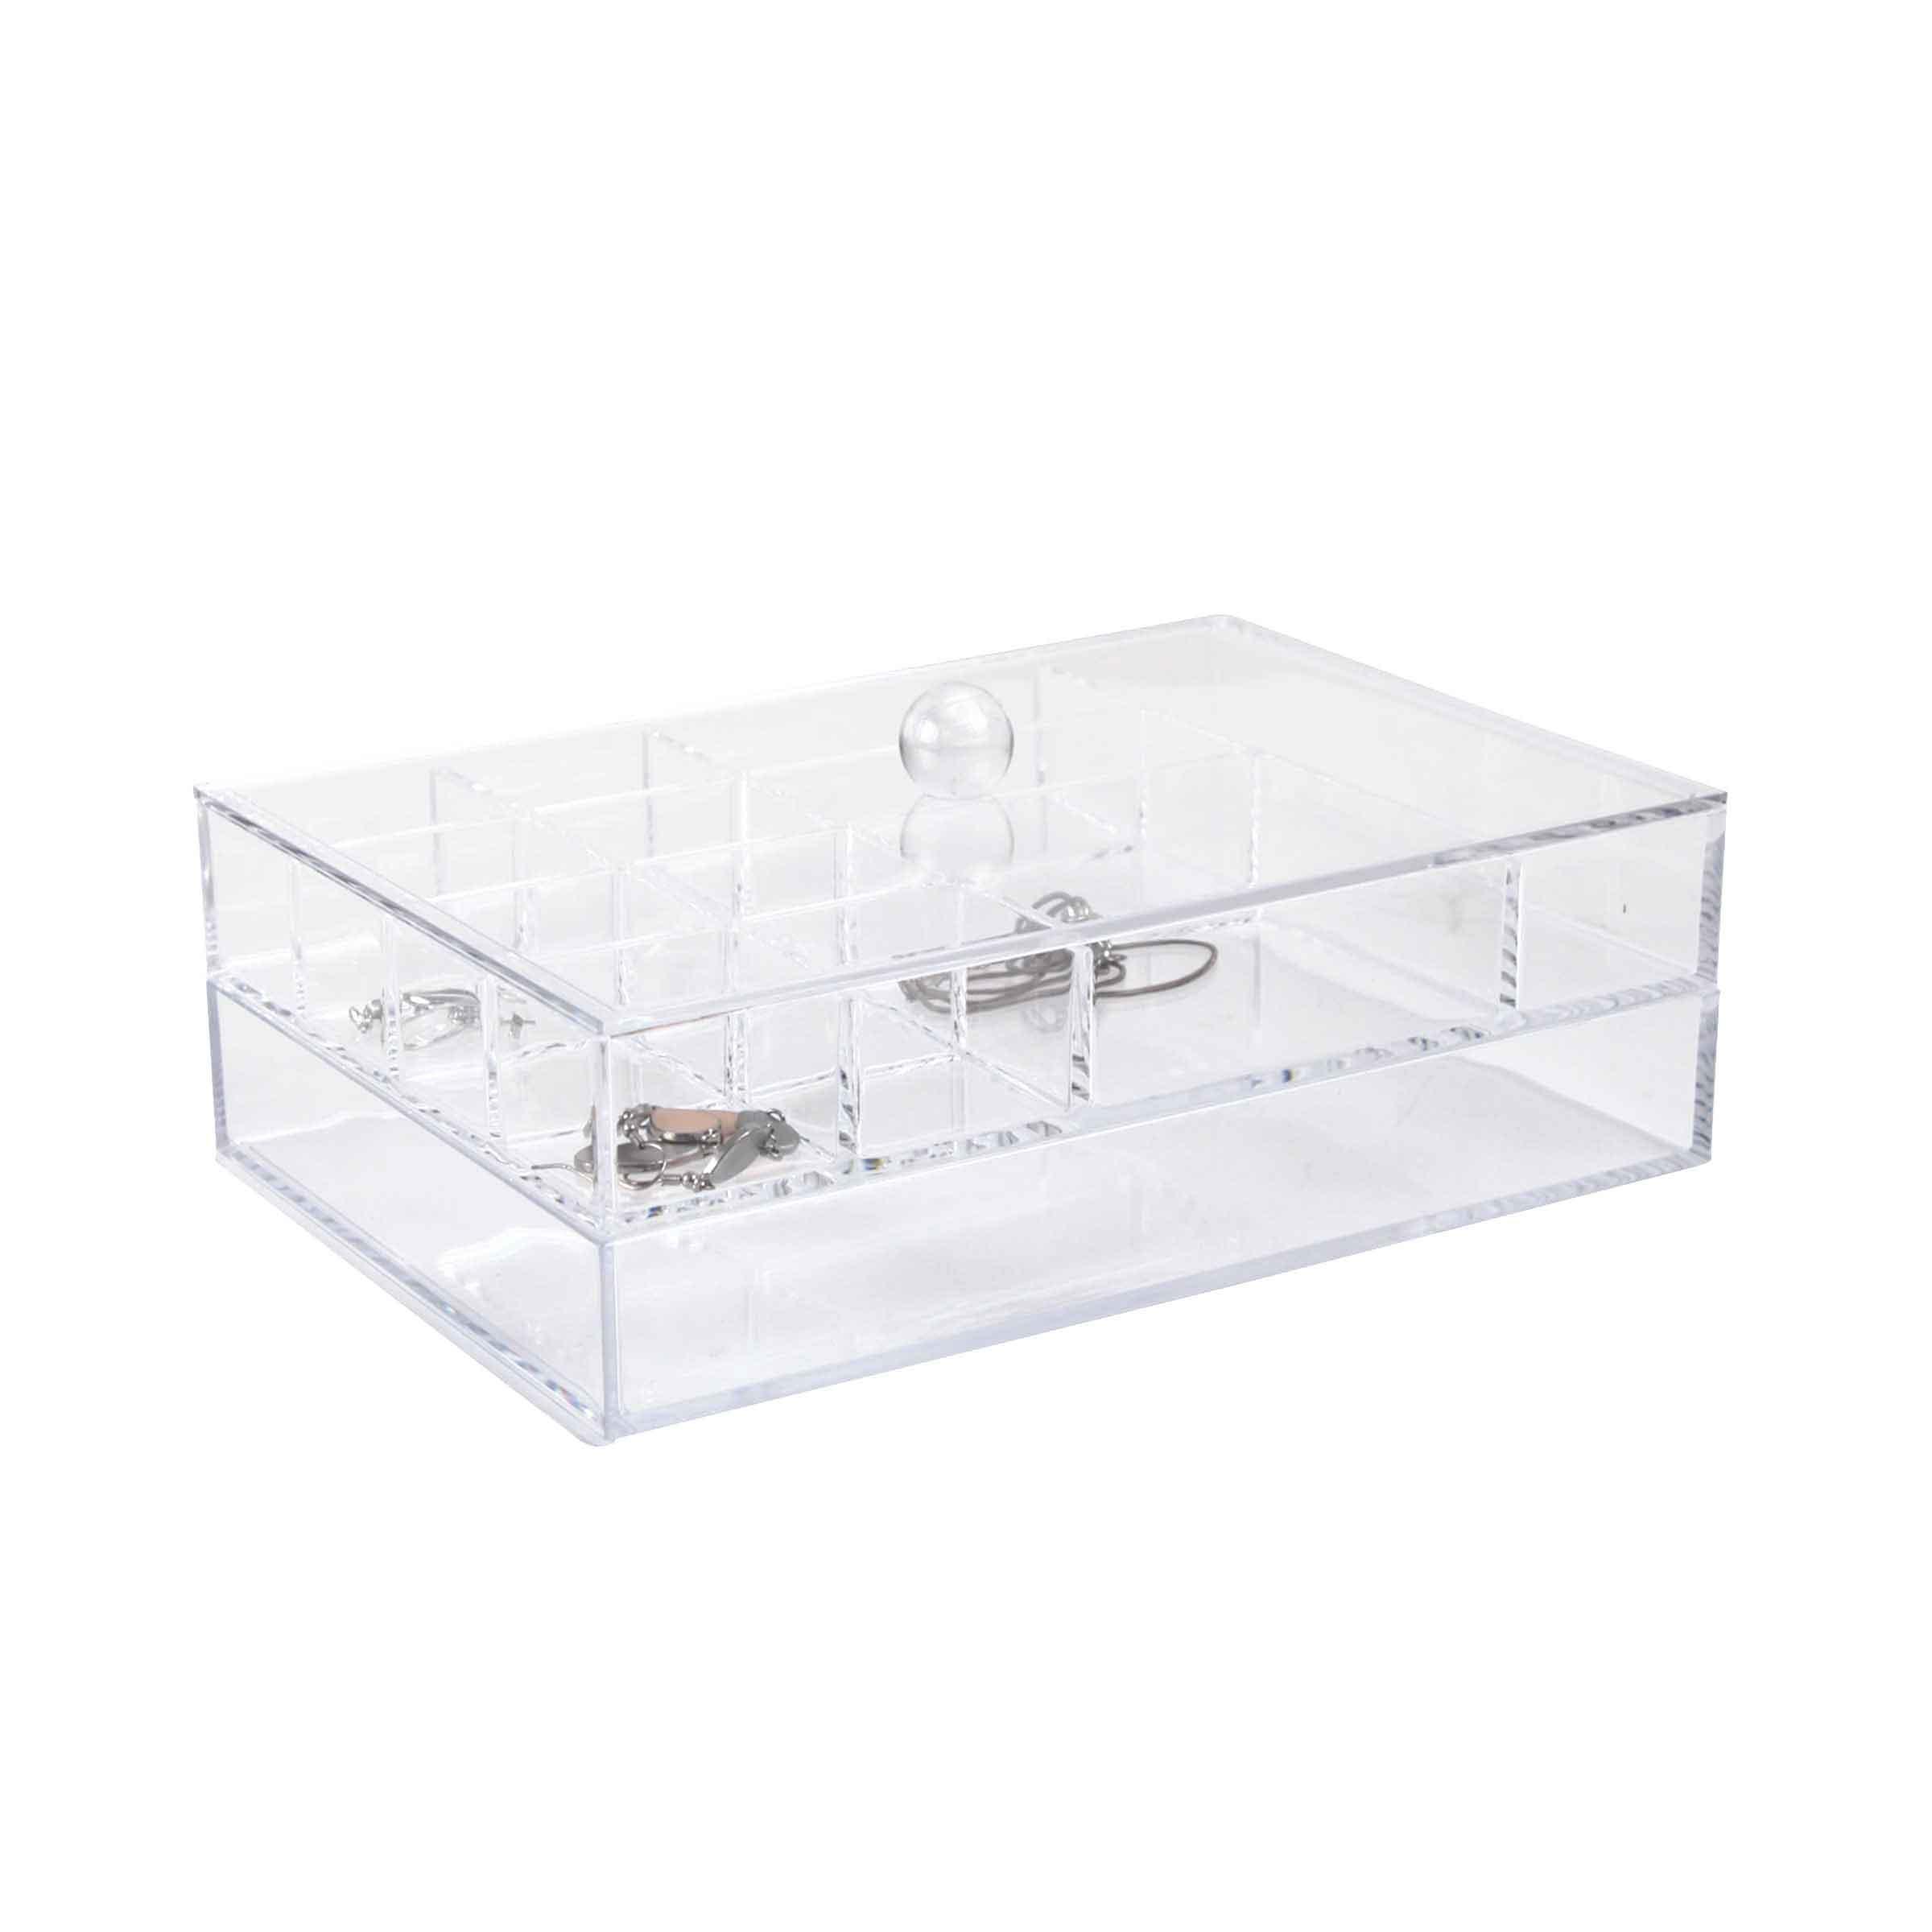 coffre de rangement pour bijoux transparent en acrylique avec 2 niveaux dont 1 compartimenté